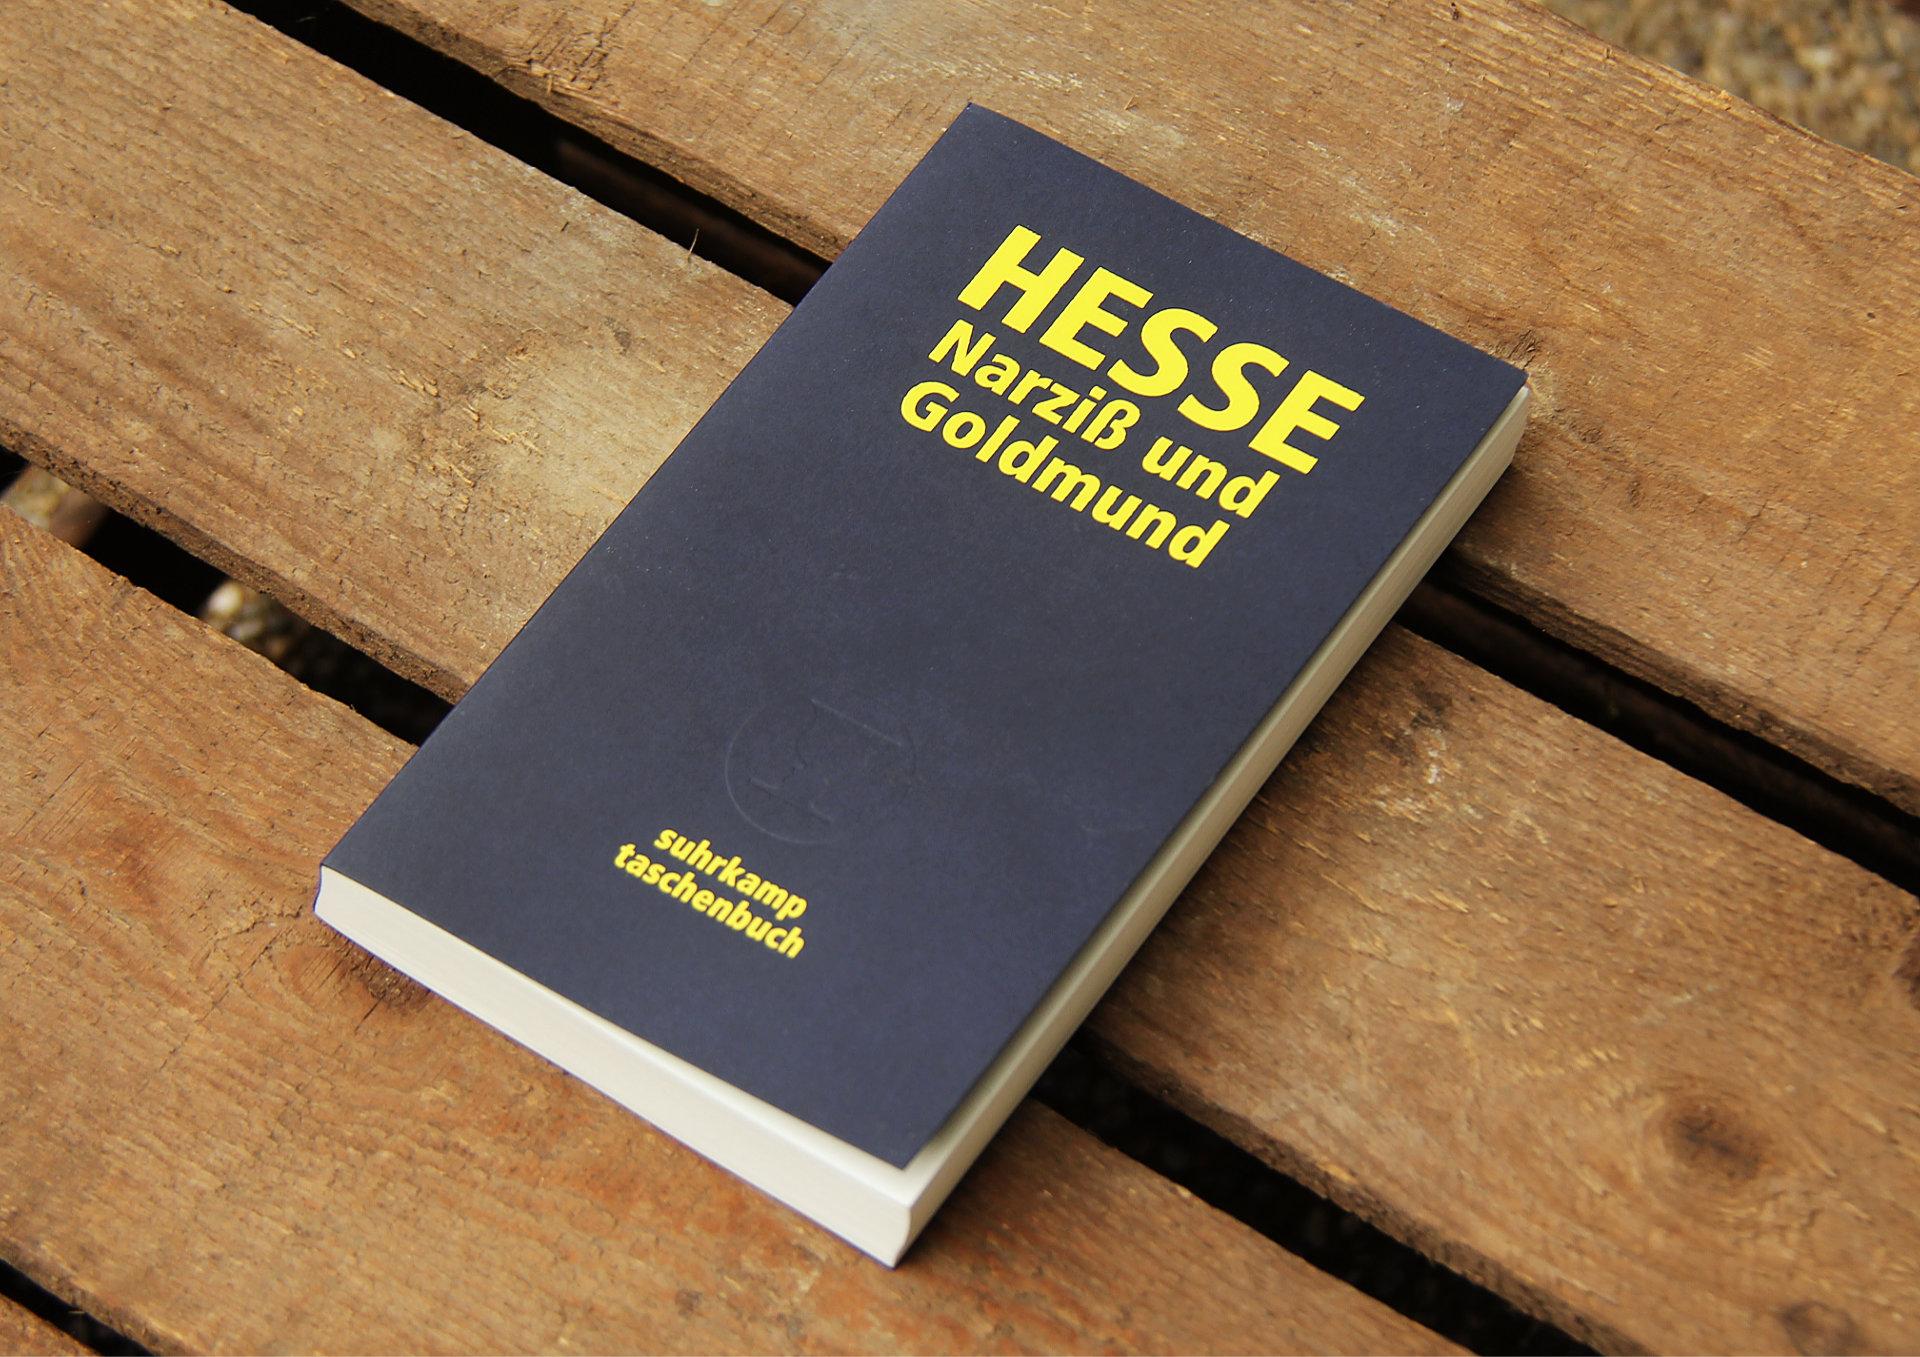 Narziß und Goldmund • Hermann Hesse